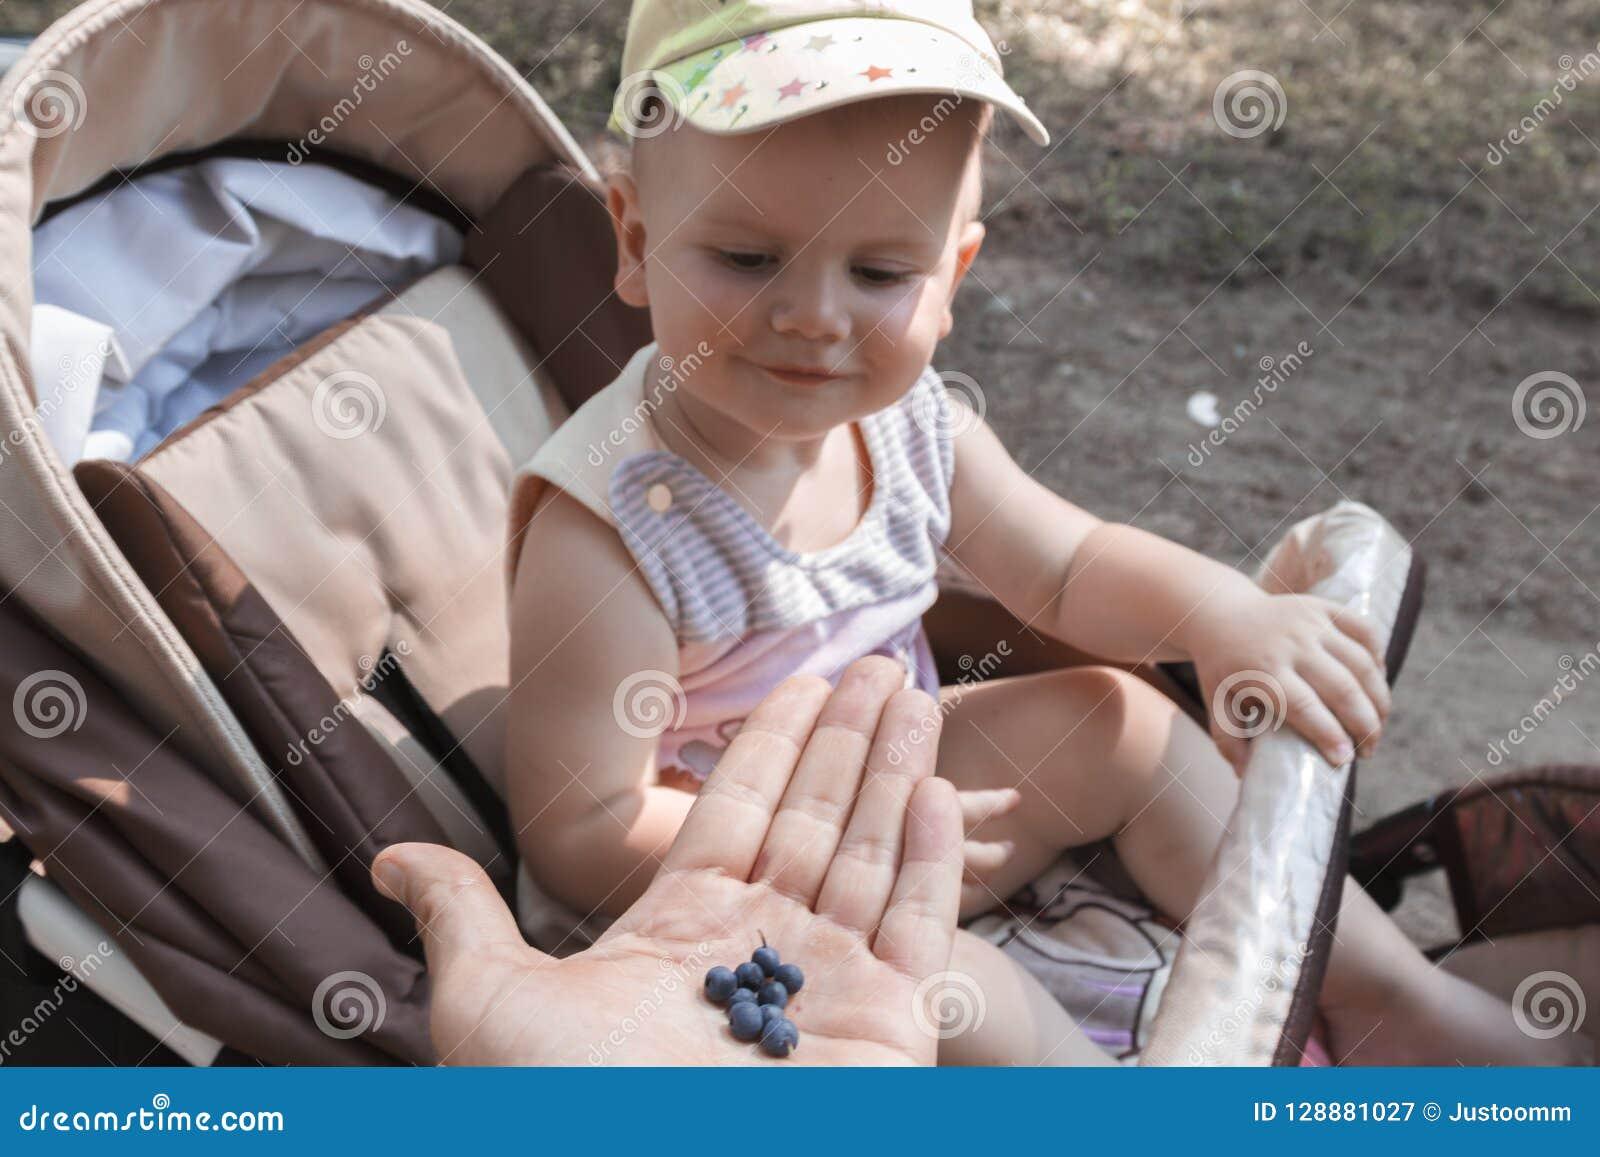 Il papà offre le bacche selvatiche al bambino, fresco, sano e pieno delle vitamine